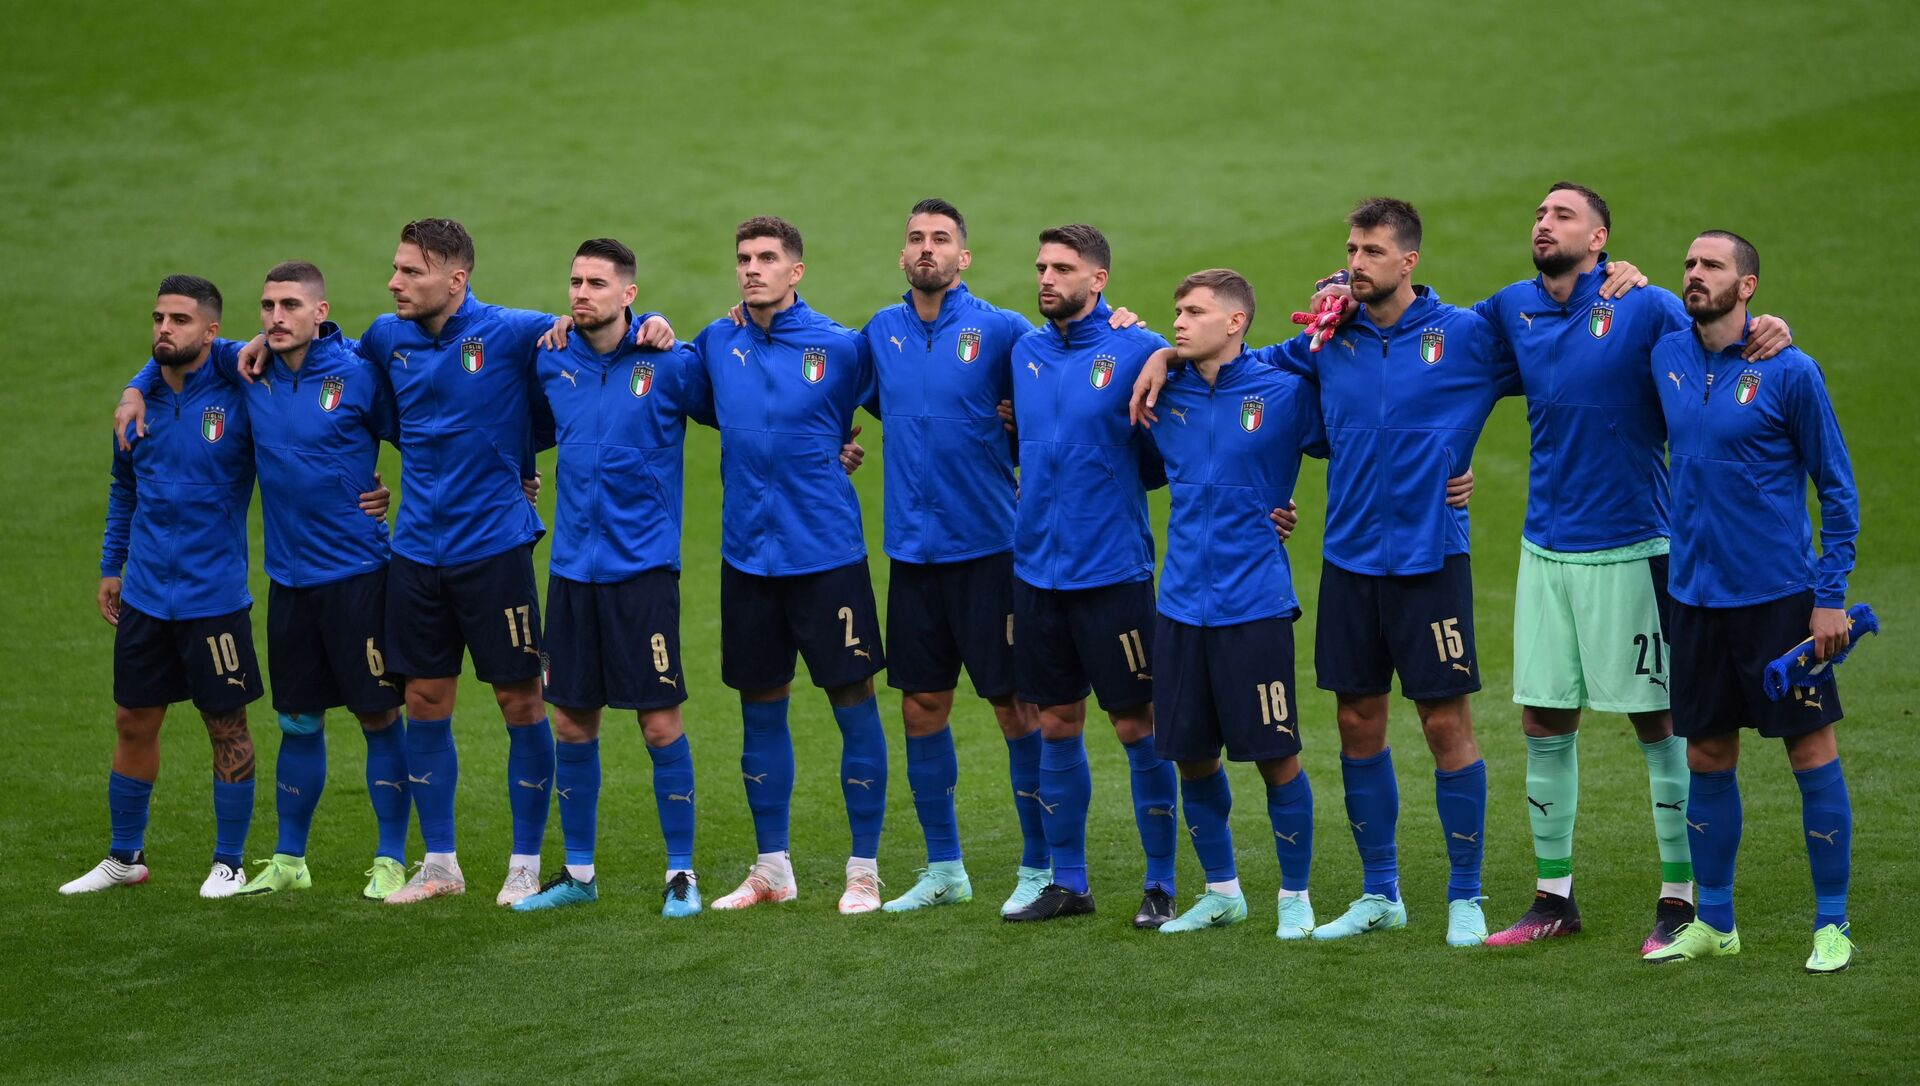 Các cầu thủ Ý trước trận đấu bóng đá UEFA EURO 2020 tại Sân vận động Wembley ở London - Sputnik Việt Nam, 1920, 06.07.2021